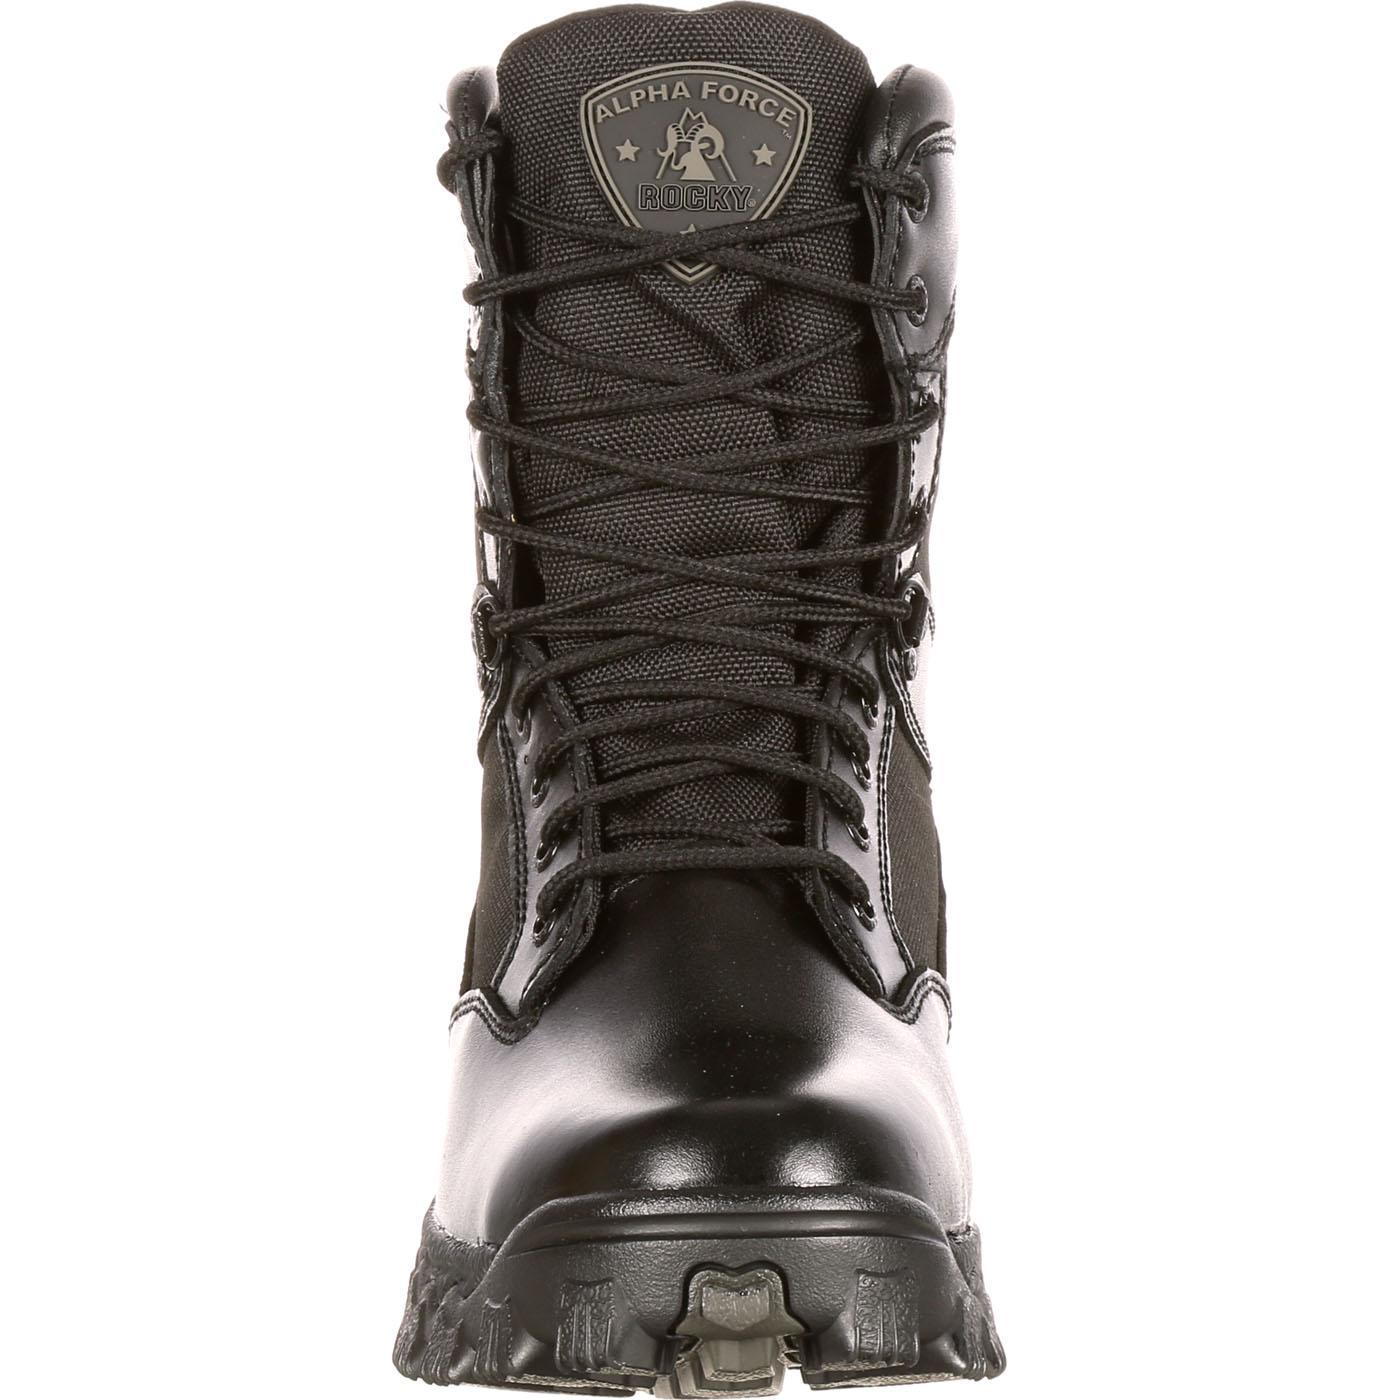 db05756bcae Rocky Alpha Force Women's Waterproof Public Service Boot